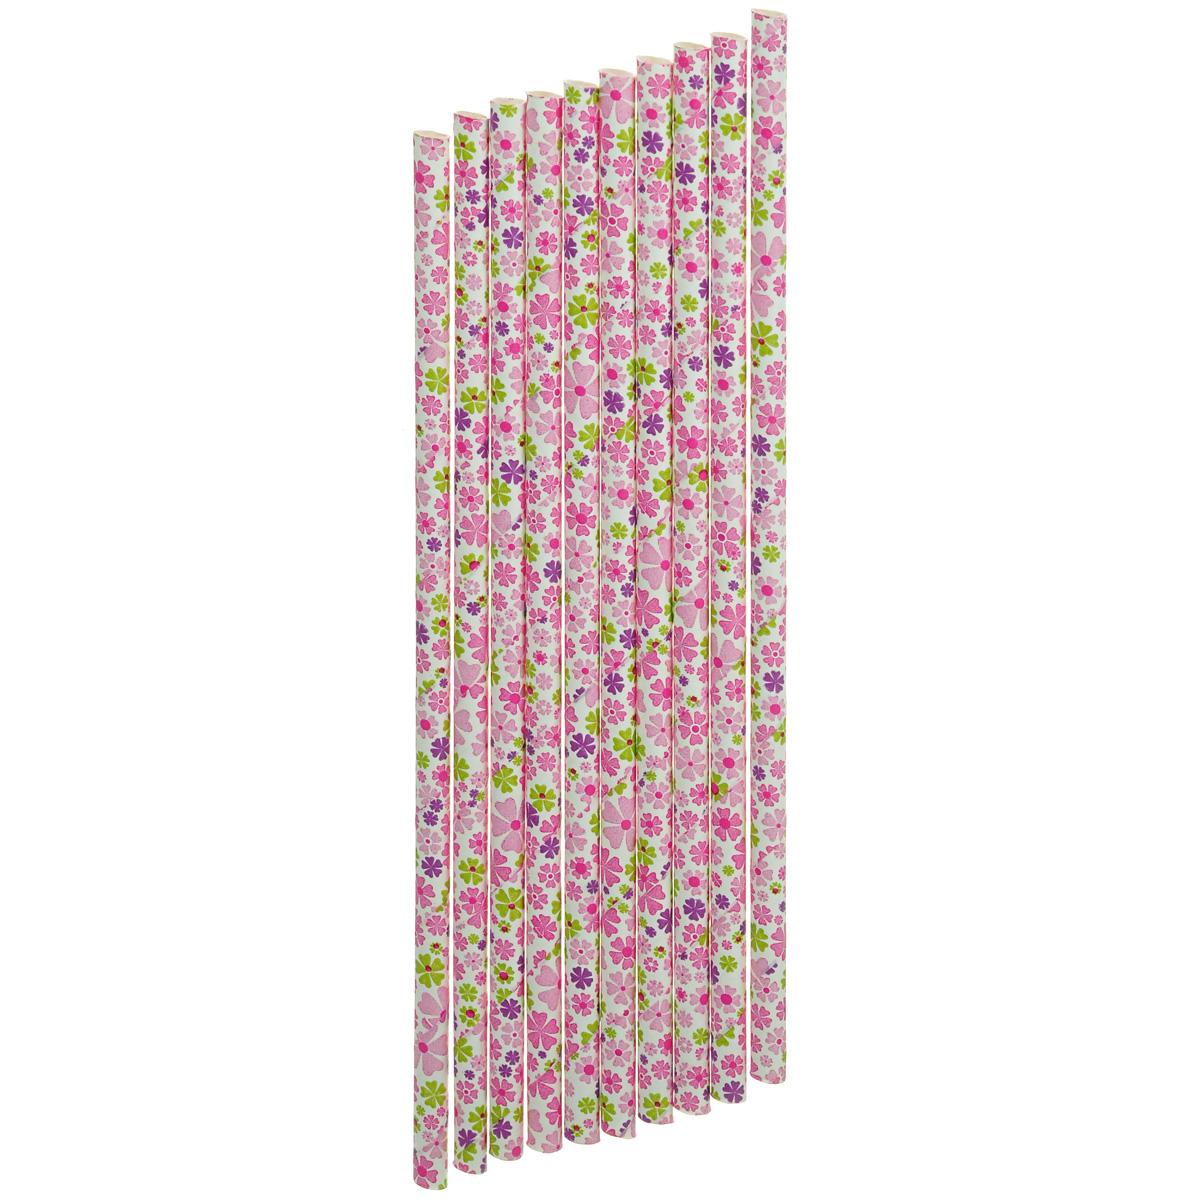 Набор бумажных трубочек Dolce Arti Цветы, цвет: белый, розовый, 10 штVT-1520(SR)Набор Dolce Arti Цветы состоит из 10 бумажных трубочек, предназначенных для напитков. Цветные трубочки станут не только эффектным украшением коктейлей, но и ярким штрихом вашего сладкого стола. С набором Dolce Arti Цветы ваш праздник станет по-настоящему красочным!Длина трубочки: 19,5 см. Диаметр трубочки: 5 мм.